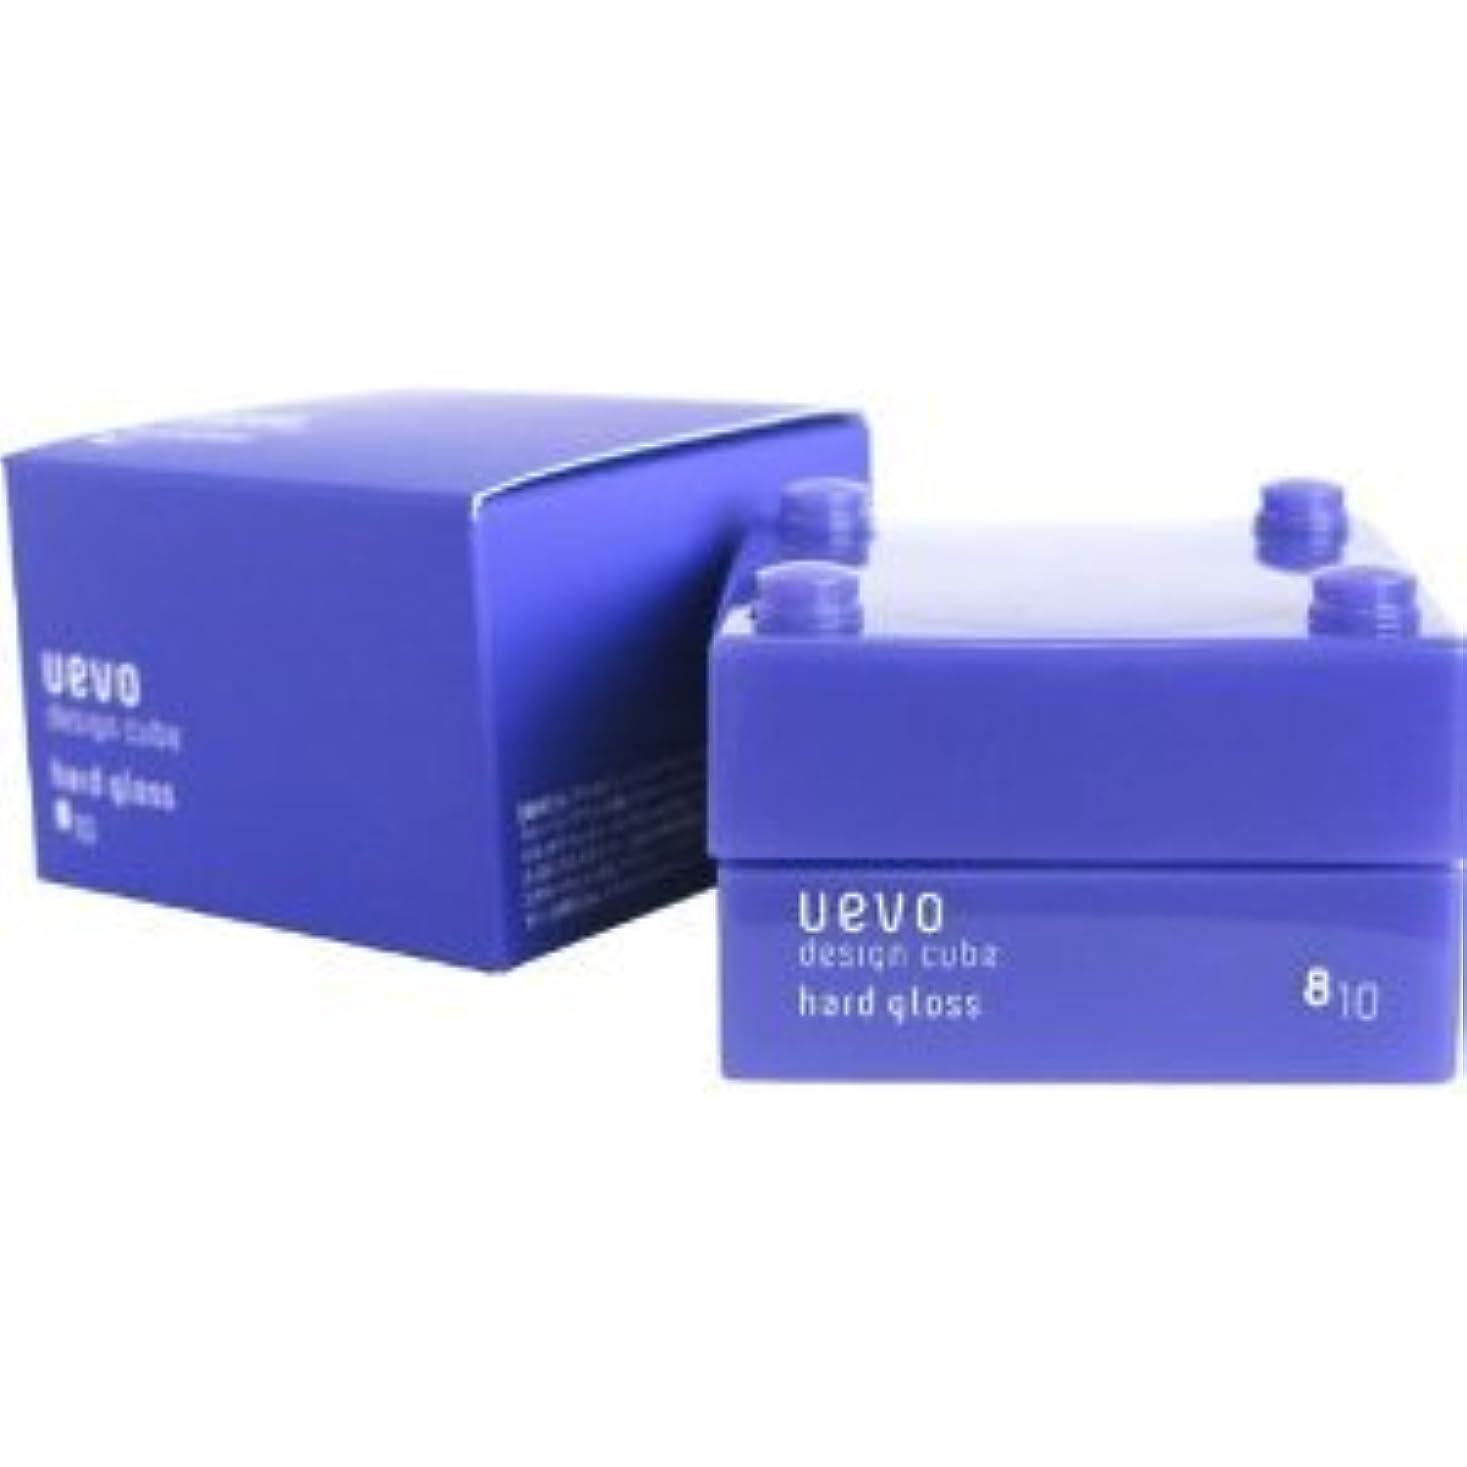 誘惑整然とした再生【X3個セット】 デミ ウェーボ デザインキューブ ハードグロス 30g hard gloss DEMI uevo design cube